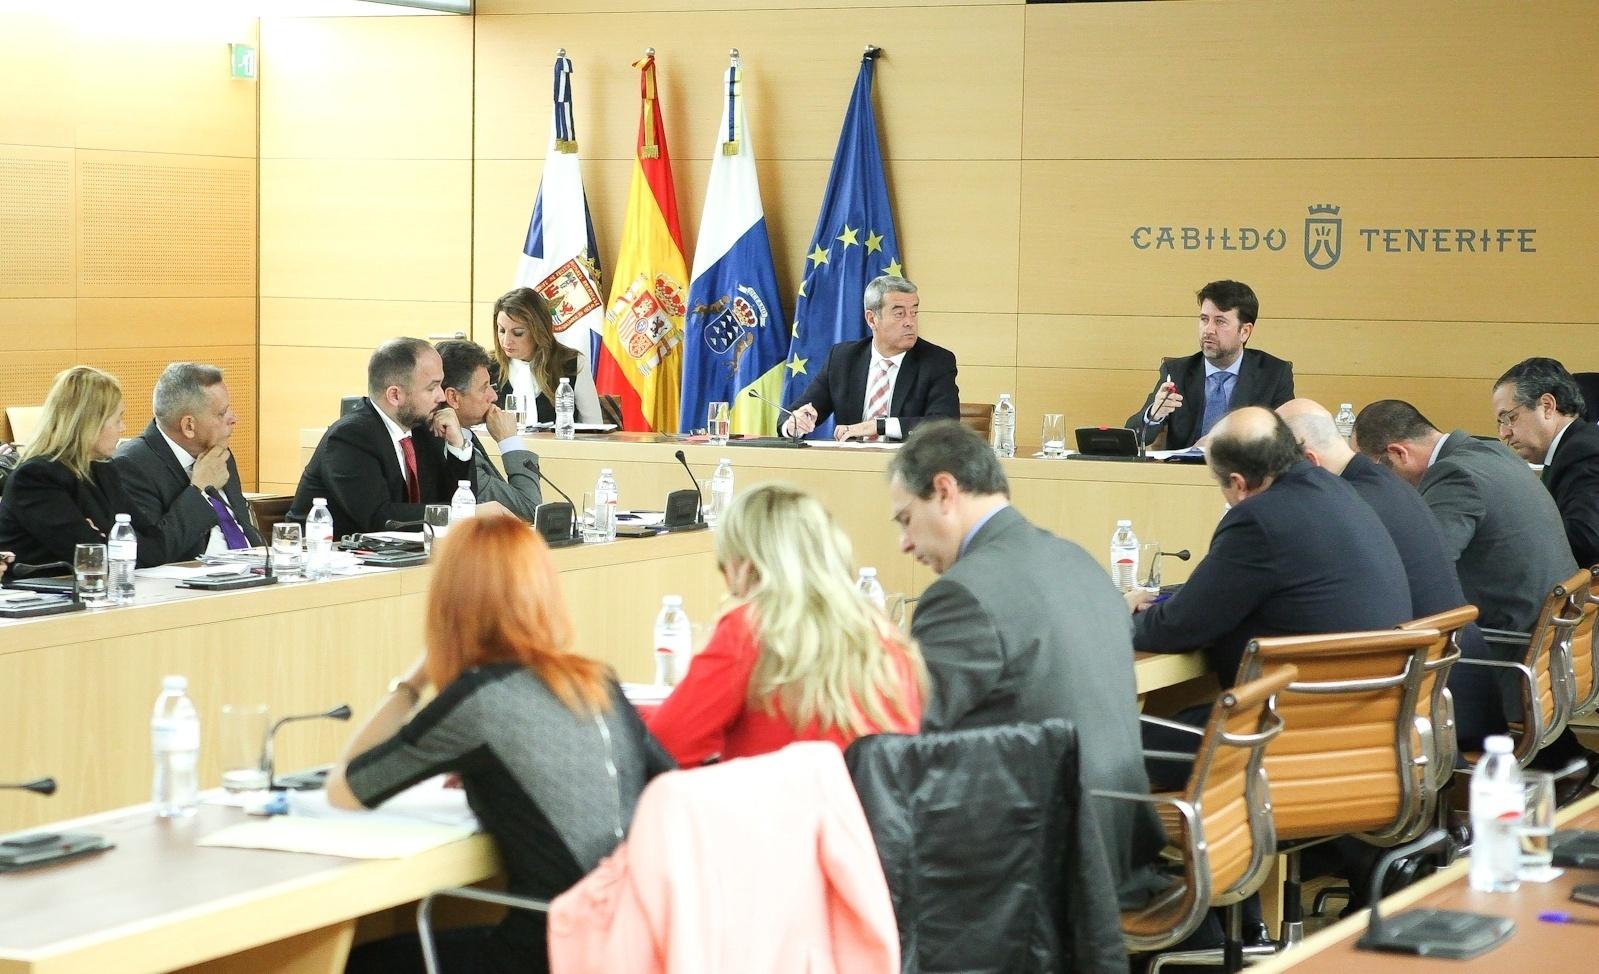 CC y PSOE aprueban el presupuesto del Cabildo de Tenerife con un aumento del 84,5% en inversión